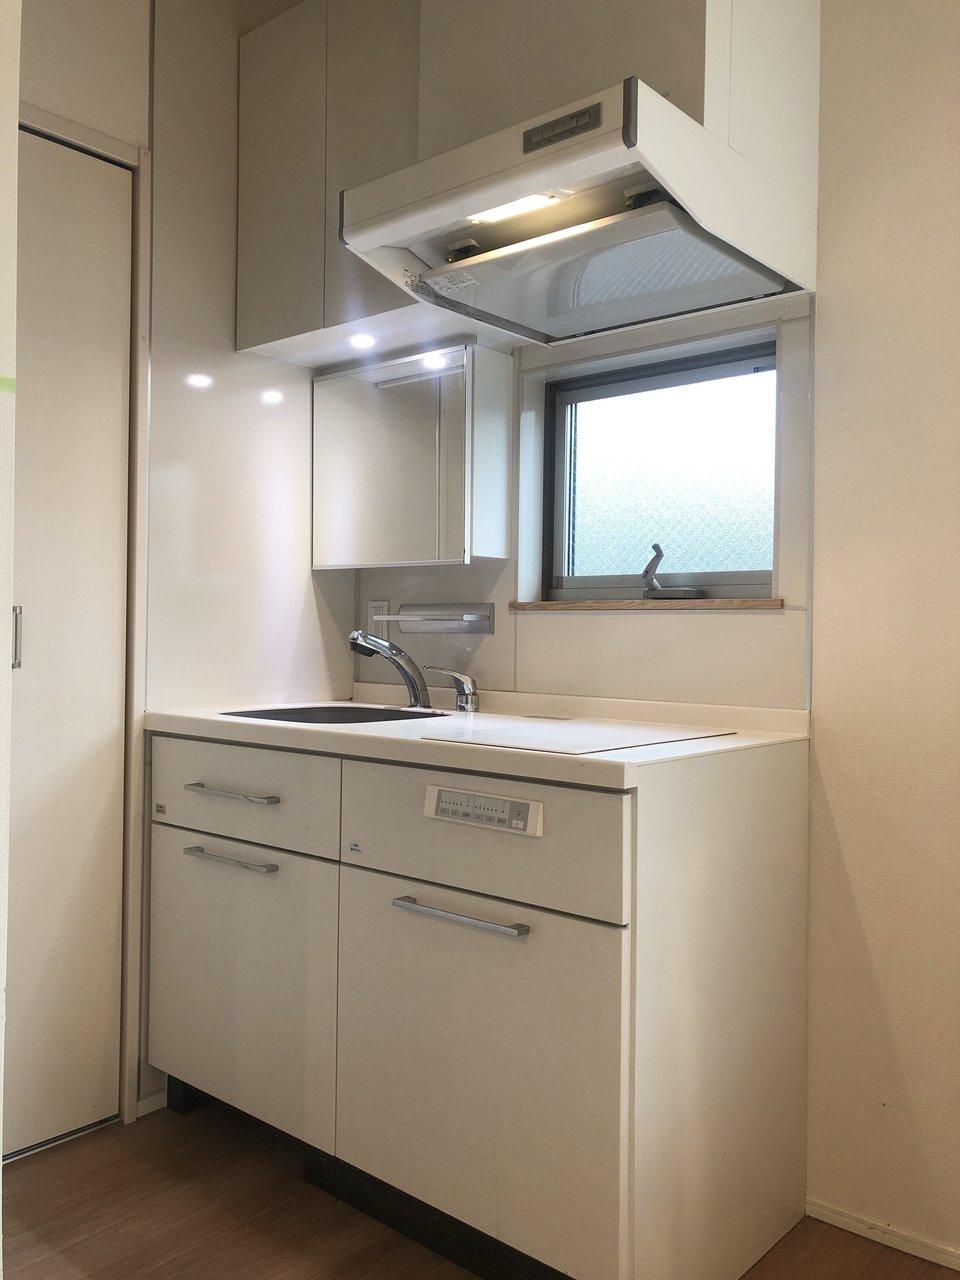 キッチンは上下に収納たっぷり。鏡が付いており、洗面台代わりとしても使えます。